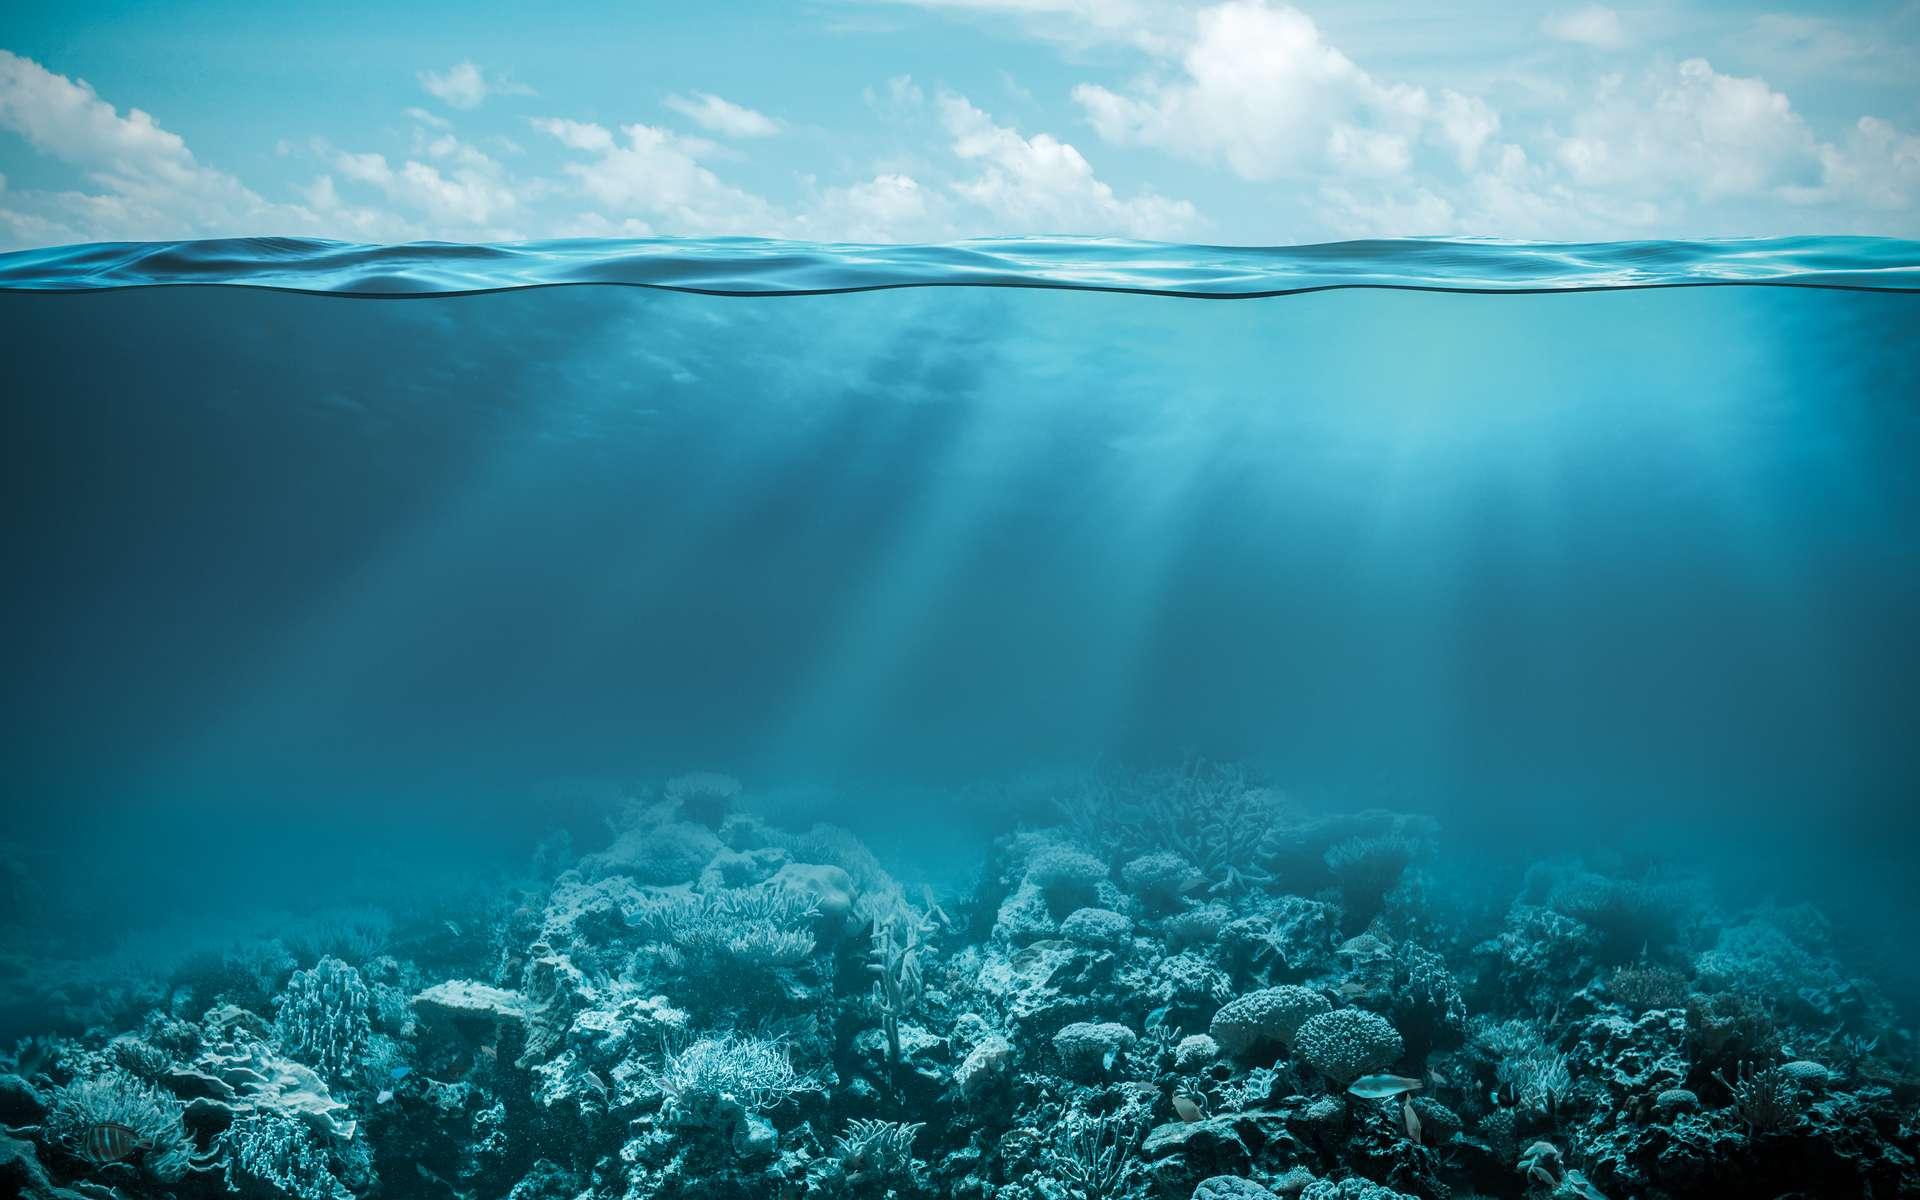 Un poulpe géant a été filmé en train de dévorer une méduse. Dans les océans, malgré les moyens actuels, les écosystèmes sont encore très mal connus. © Andrey Kuzmin, Fotolia